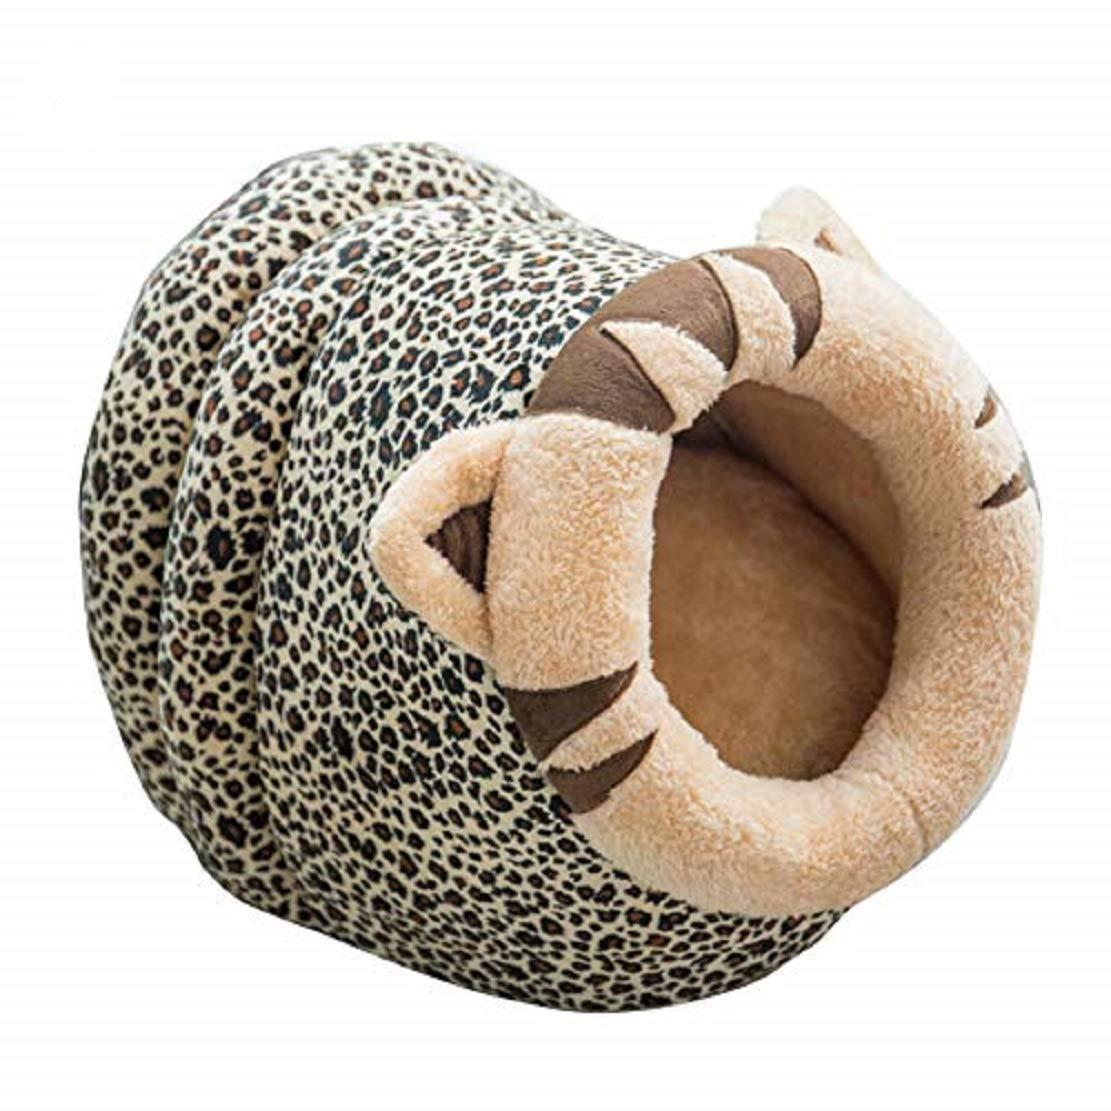 Leopard  L Leopard  L xinYxzR Warm Plush Cushion Kennel Nest Winter Lion Sheep Cow Shape Pet Dog Cat Puppy Bed